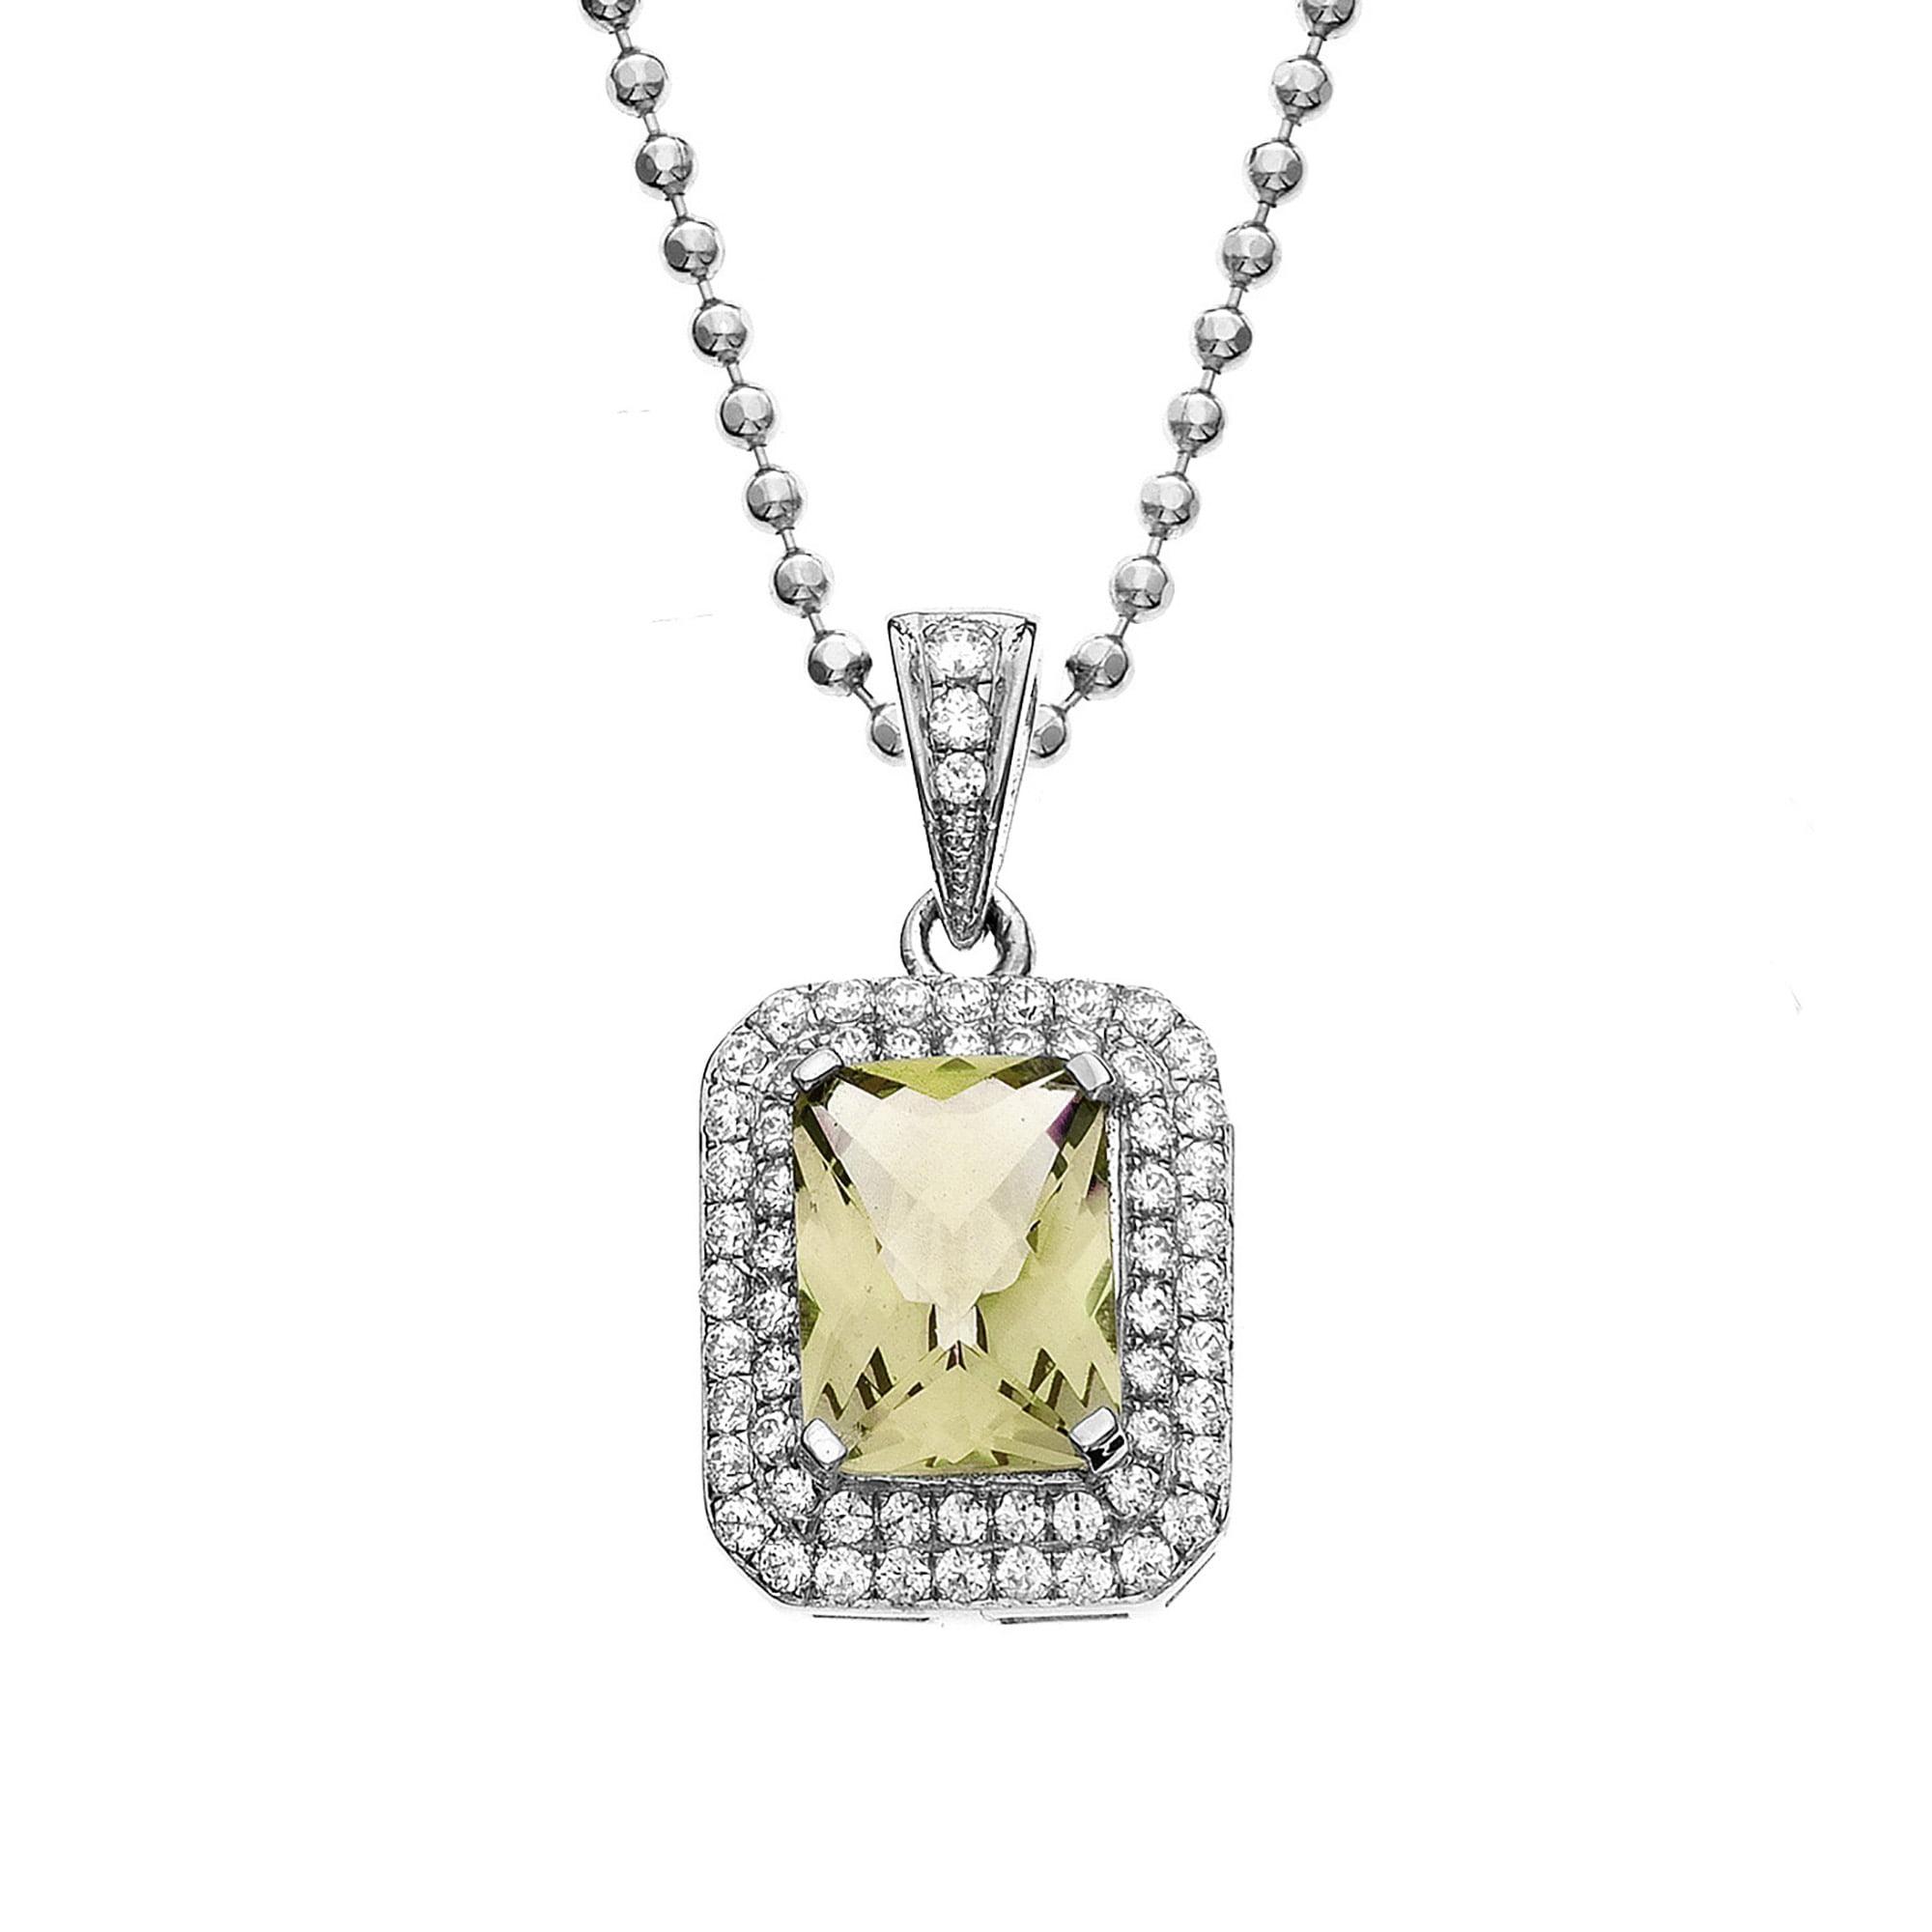 Platinum Plated Sterling Silver Rectangle Cut Lemon Quartz Pave Cubic Zirconia Pendant Necklace by Collection Bijoux